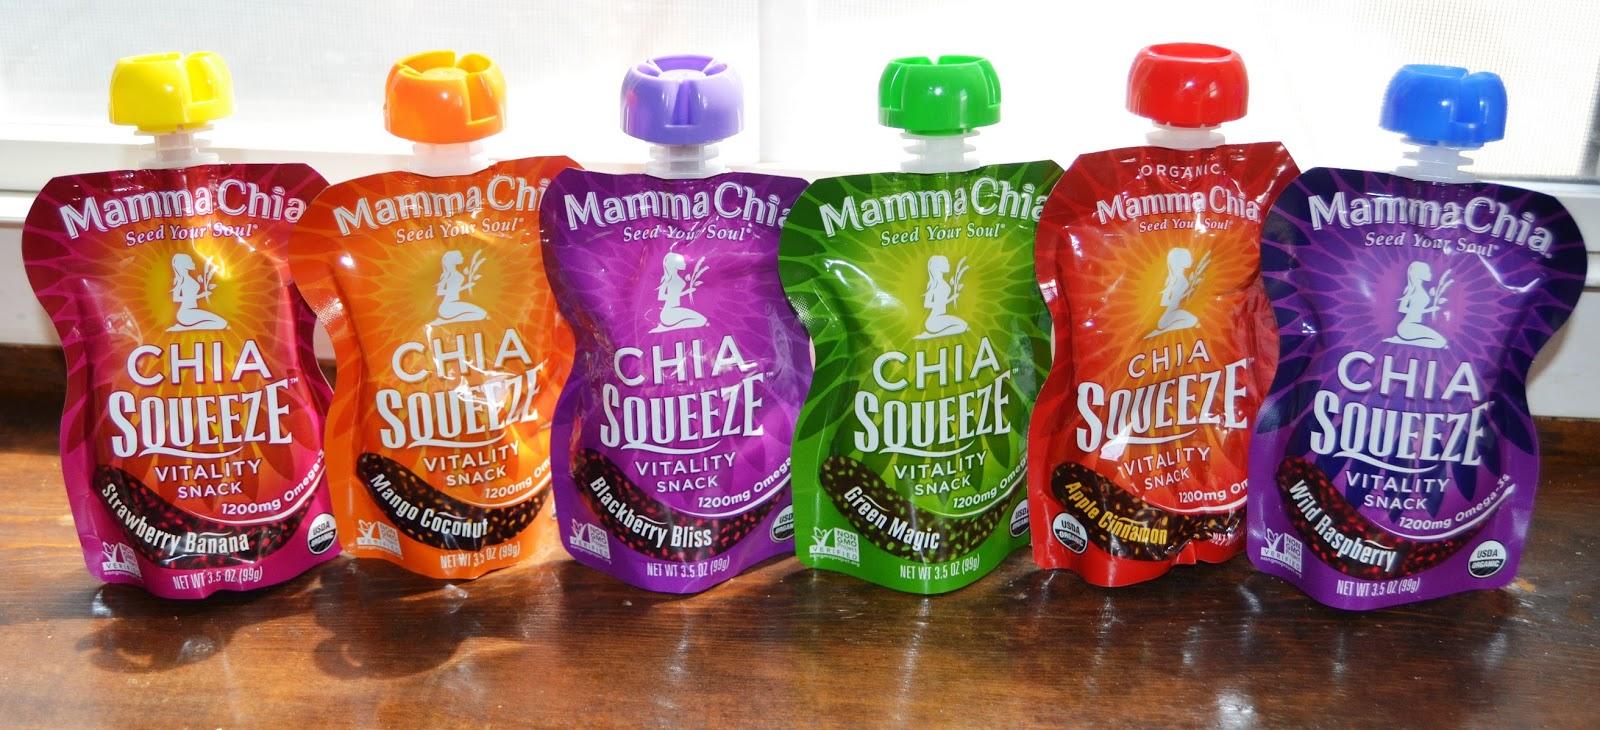 Mamma Chia Chia Squeeze